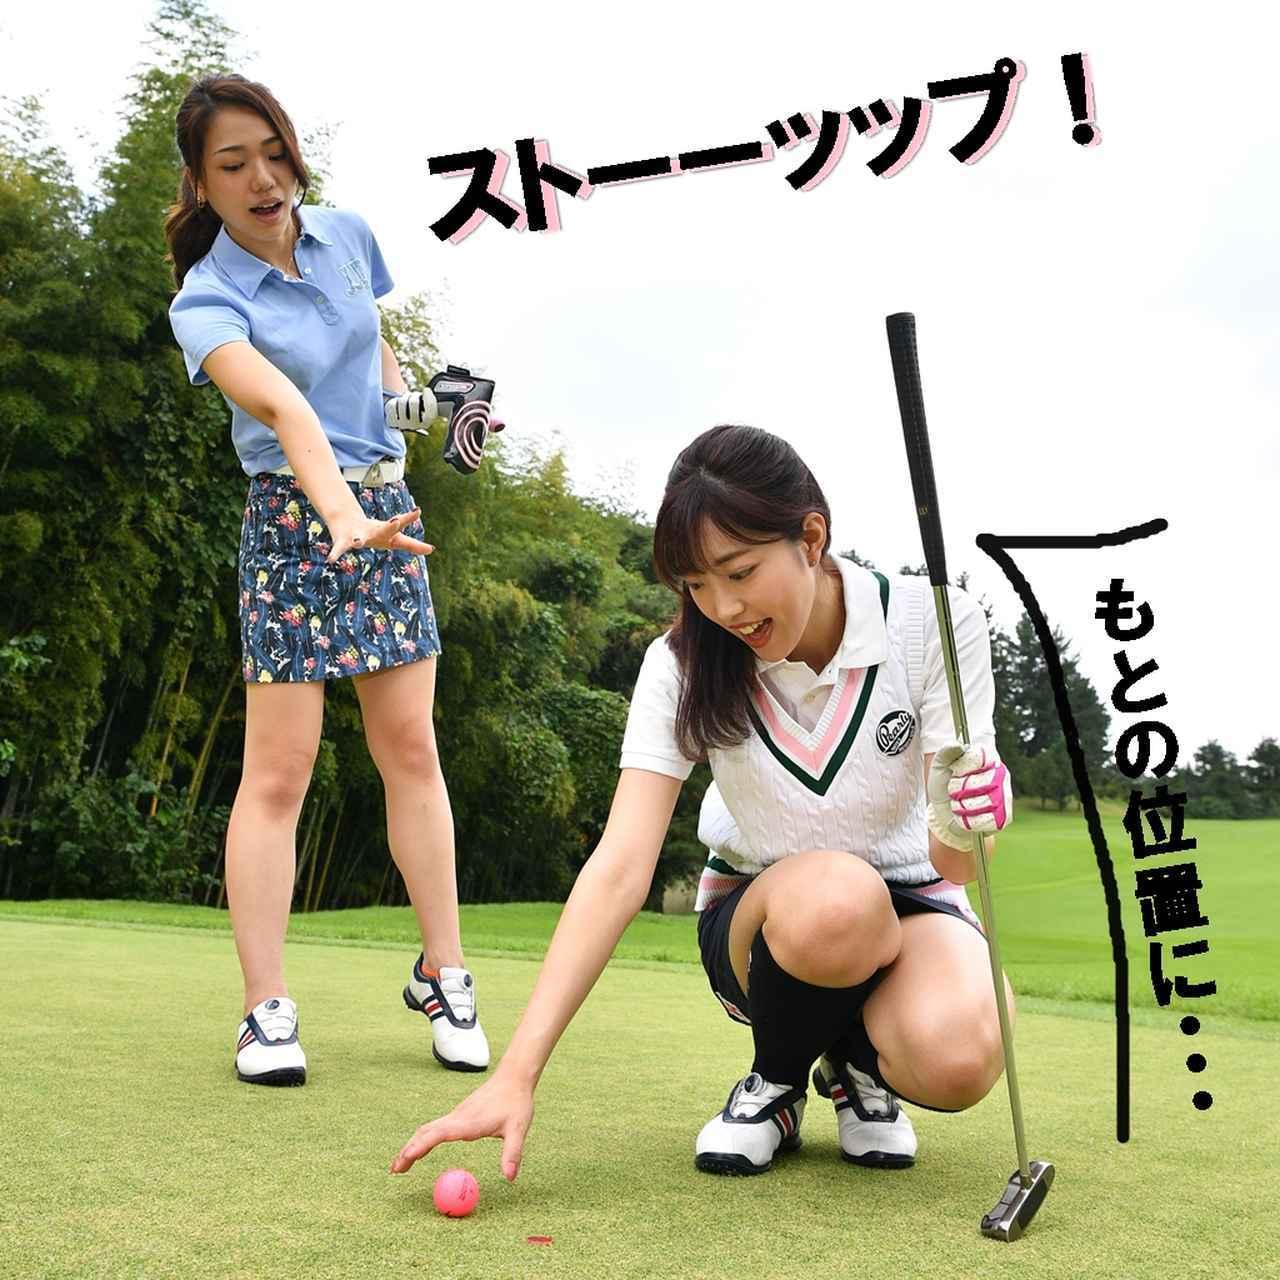 画像3: 【ルール】グリーン上でマーカーを拾う前に球が動いた!「そのまま打つ」「 元に戻す」どこから打つのが正しいの?